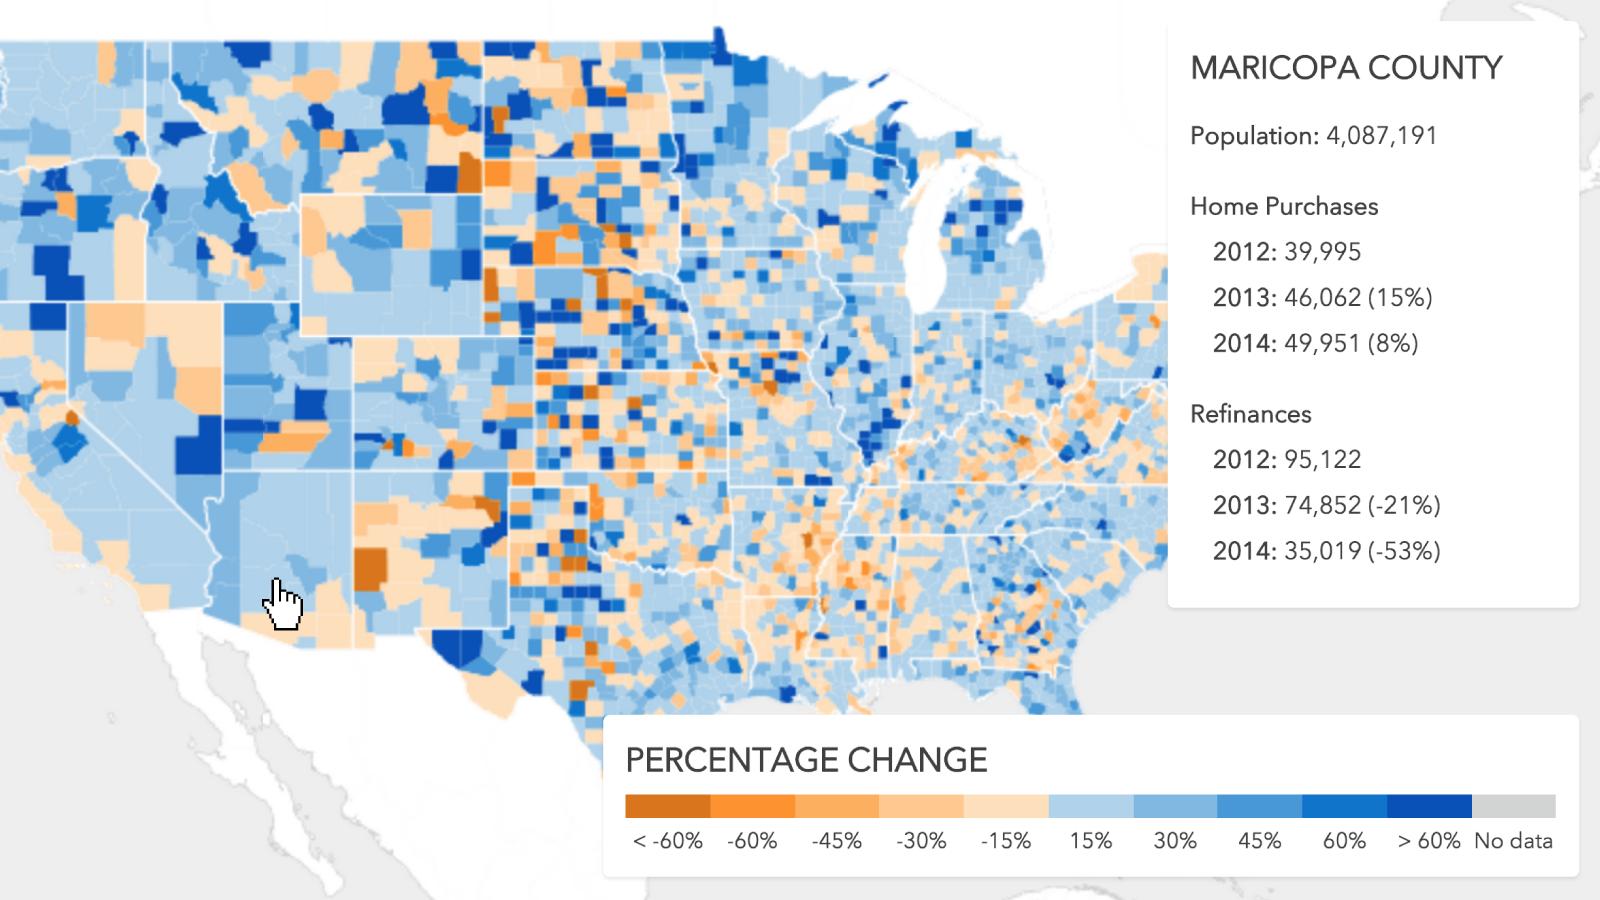 HMDA 2014 data